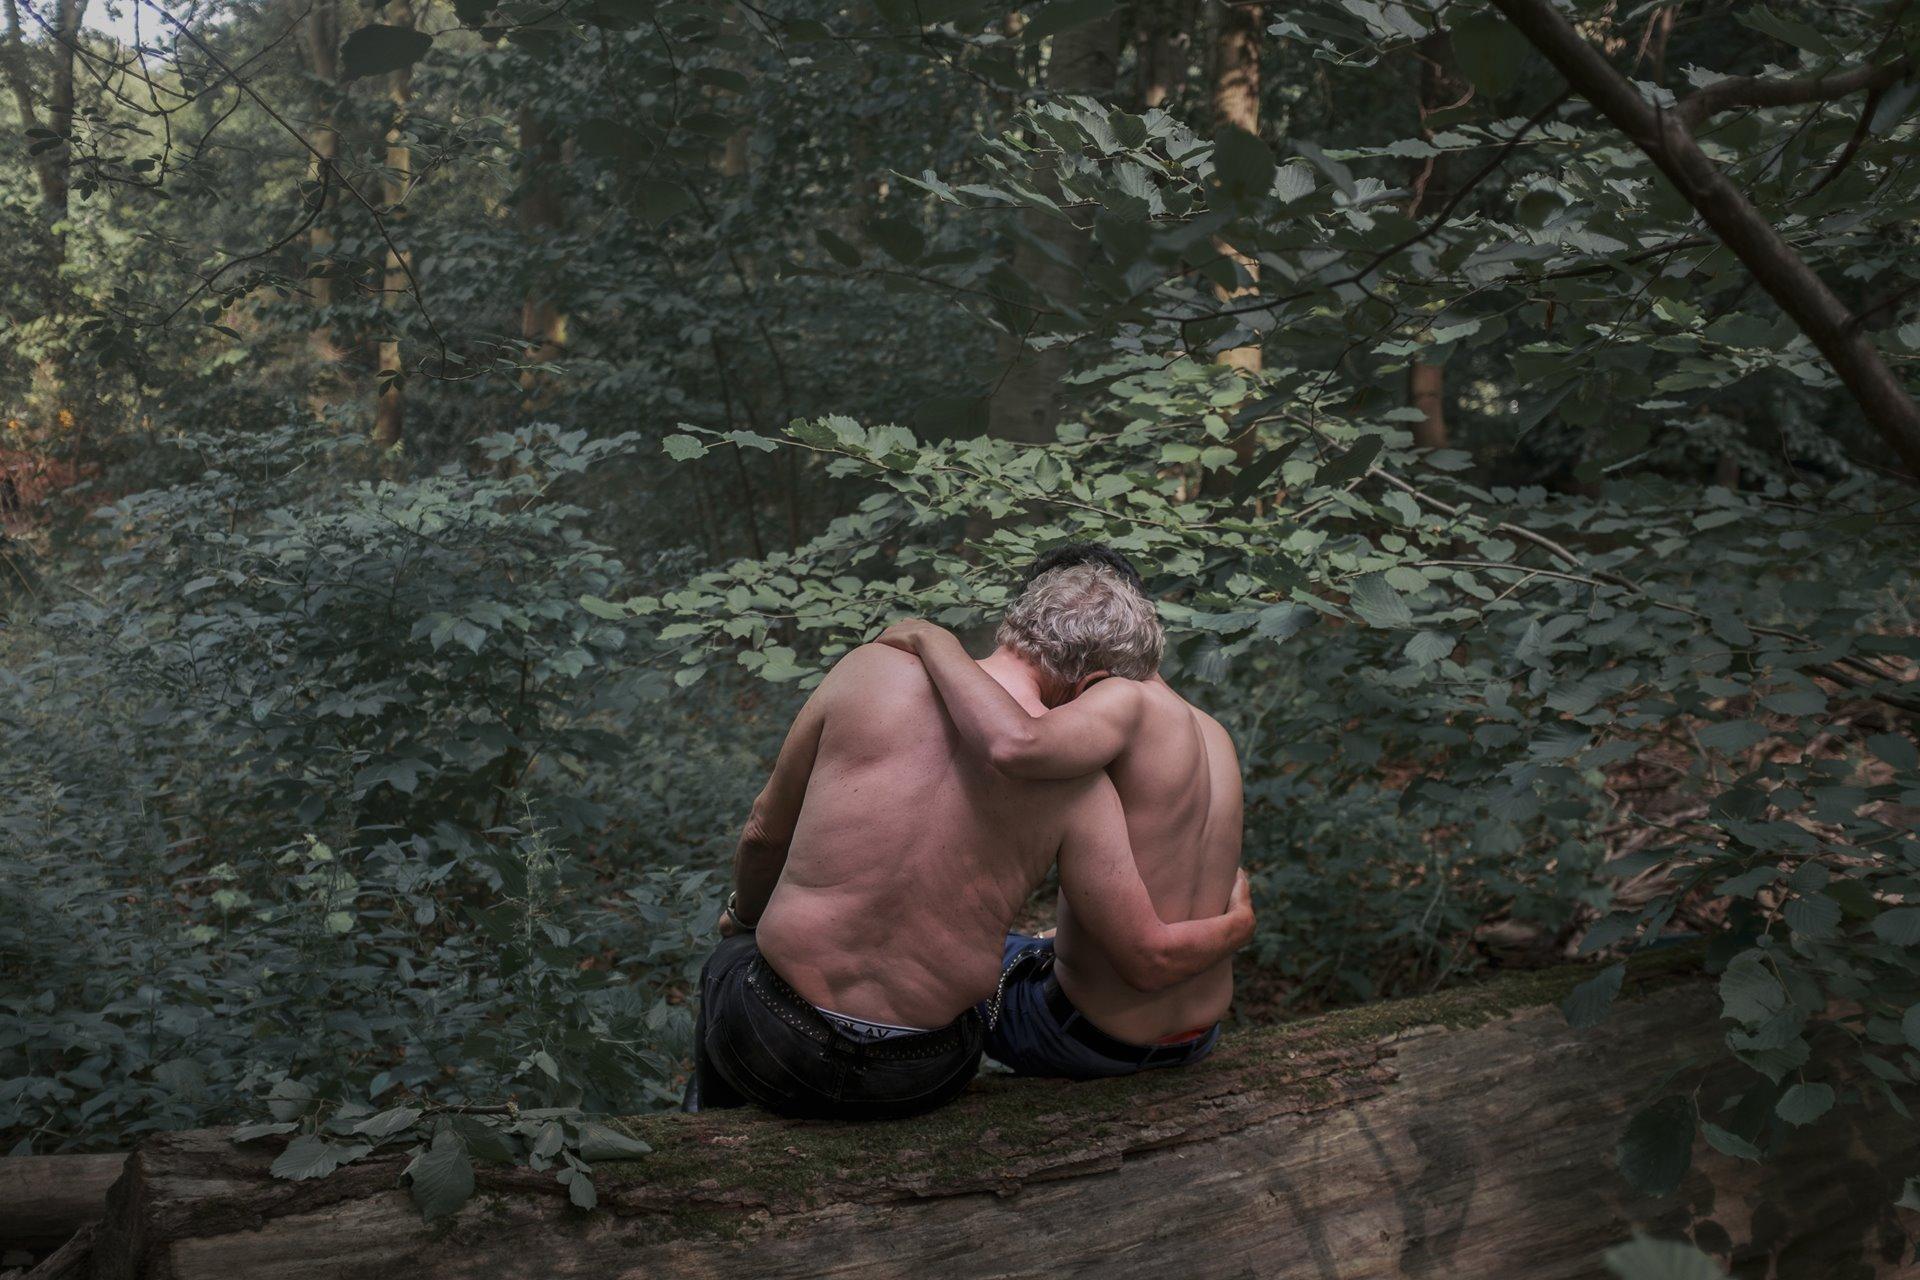 Jochen de 71 años y Mohamed de 21 (nombres ficticios) se sientan en el Tiergarten, Berlín. Jochen se enamoró después de conocer a Mohamed, un trabajador sexual en el parque. Han estado saliendo durante 19 meses. La prostitución entre adultos que consienten es legal en Alemania, y las organizaciones benéficas alemanas han informado un aumento notable en el número de jóvenes migrantes que recurren al trabajo sexual / Foto: Heba Khamis